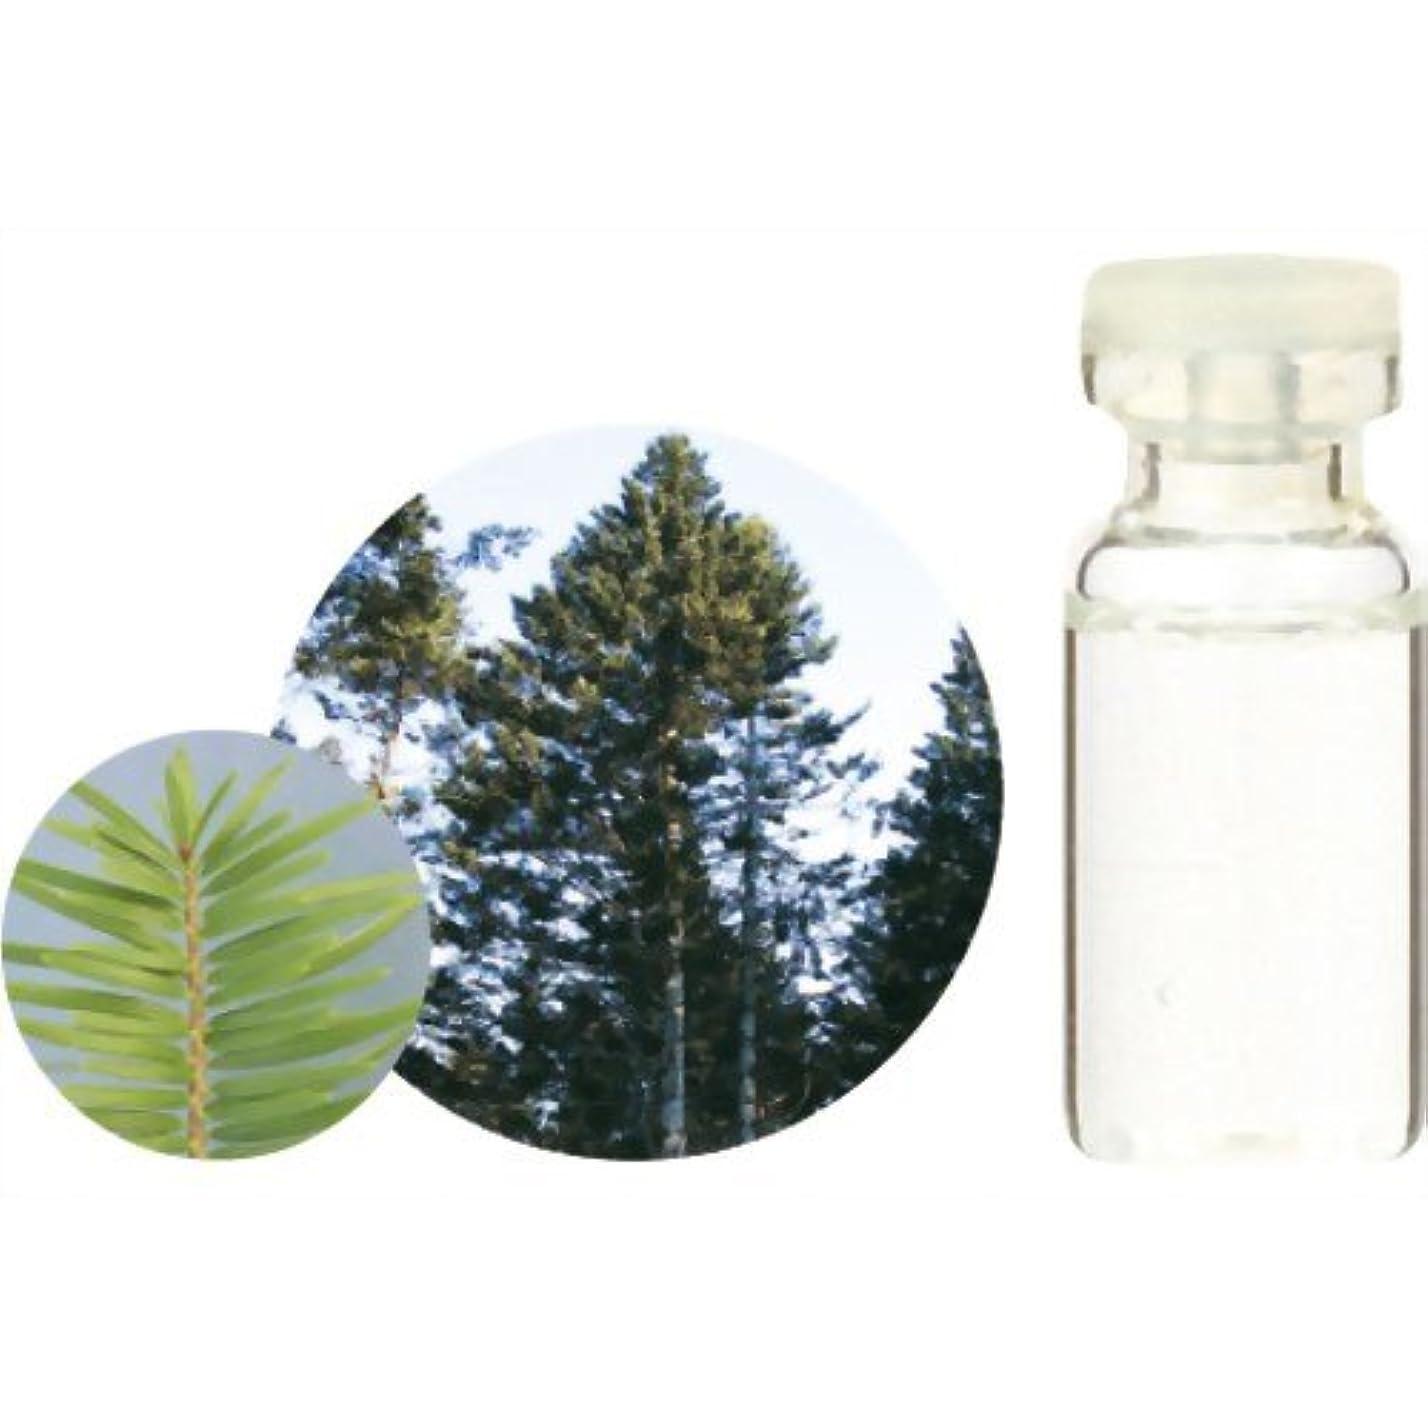 延ばすスロット丁寧生活の木 C 和精油 モミ エッセンシャルオイル 3ml